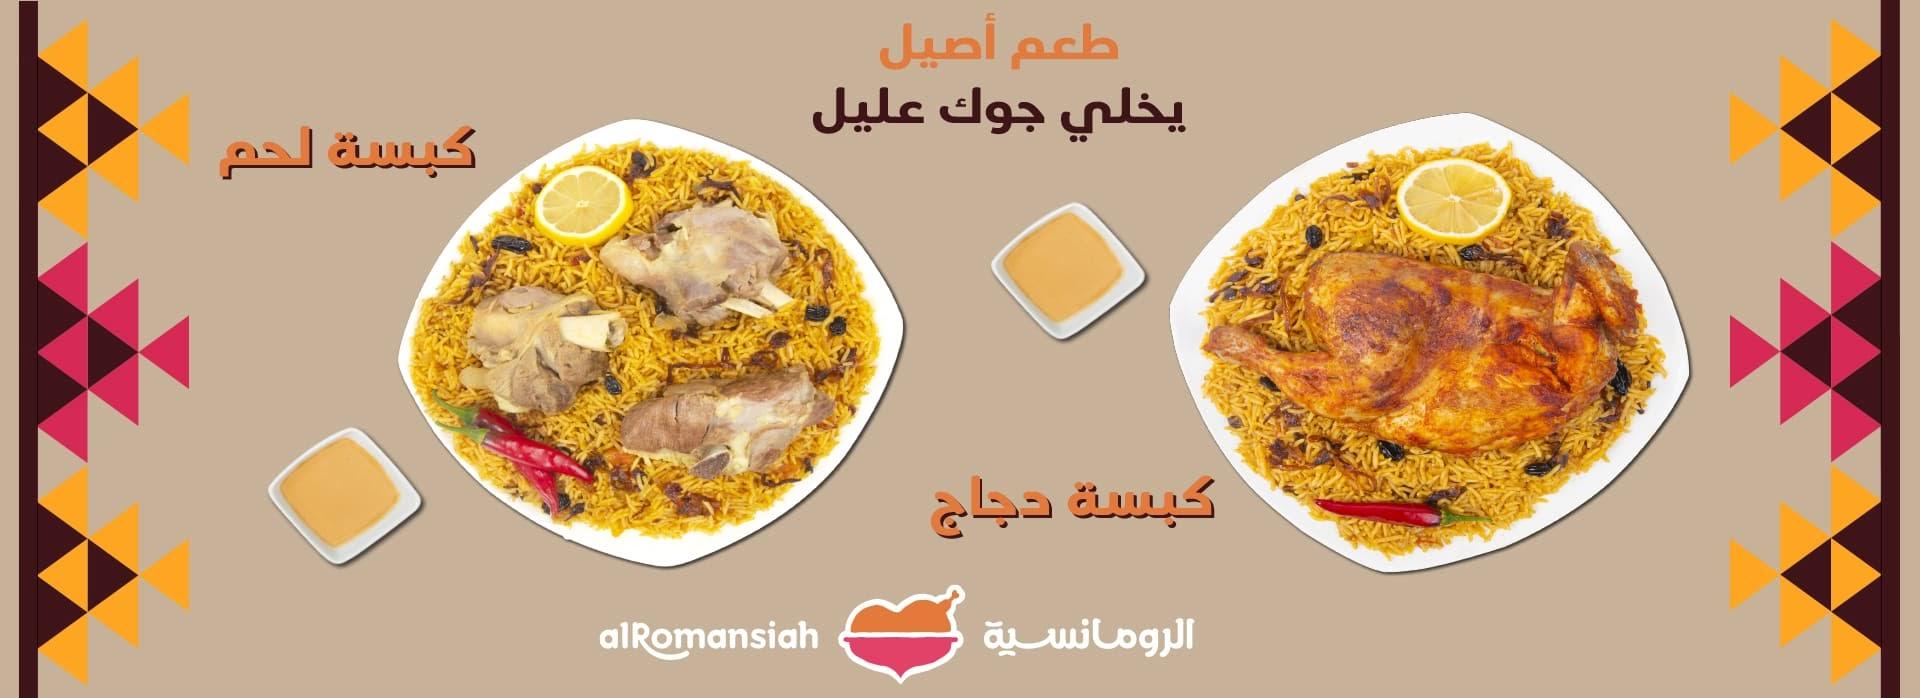 مطعم الرومانسية الاسعار المنيو الموقع كافيهات و مطاعم الرياض